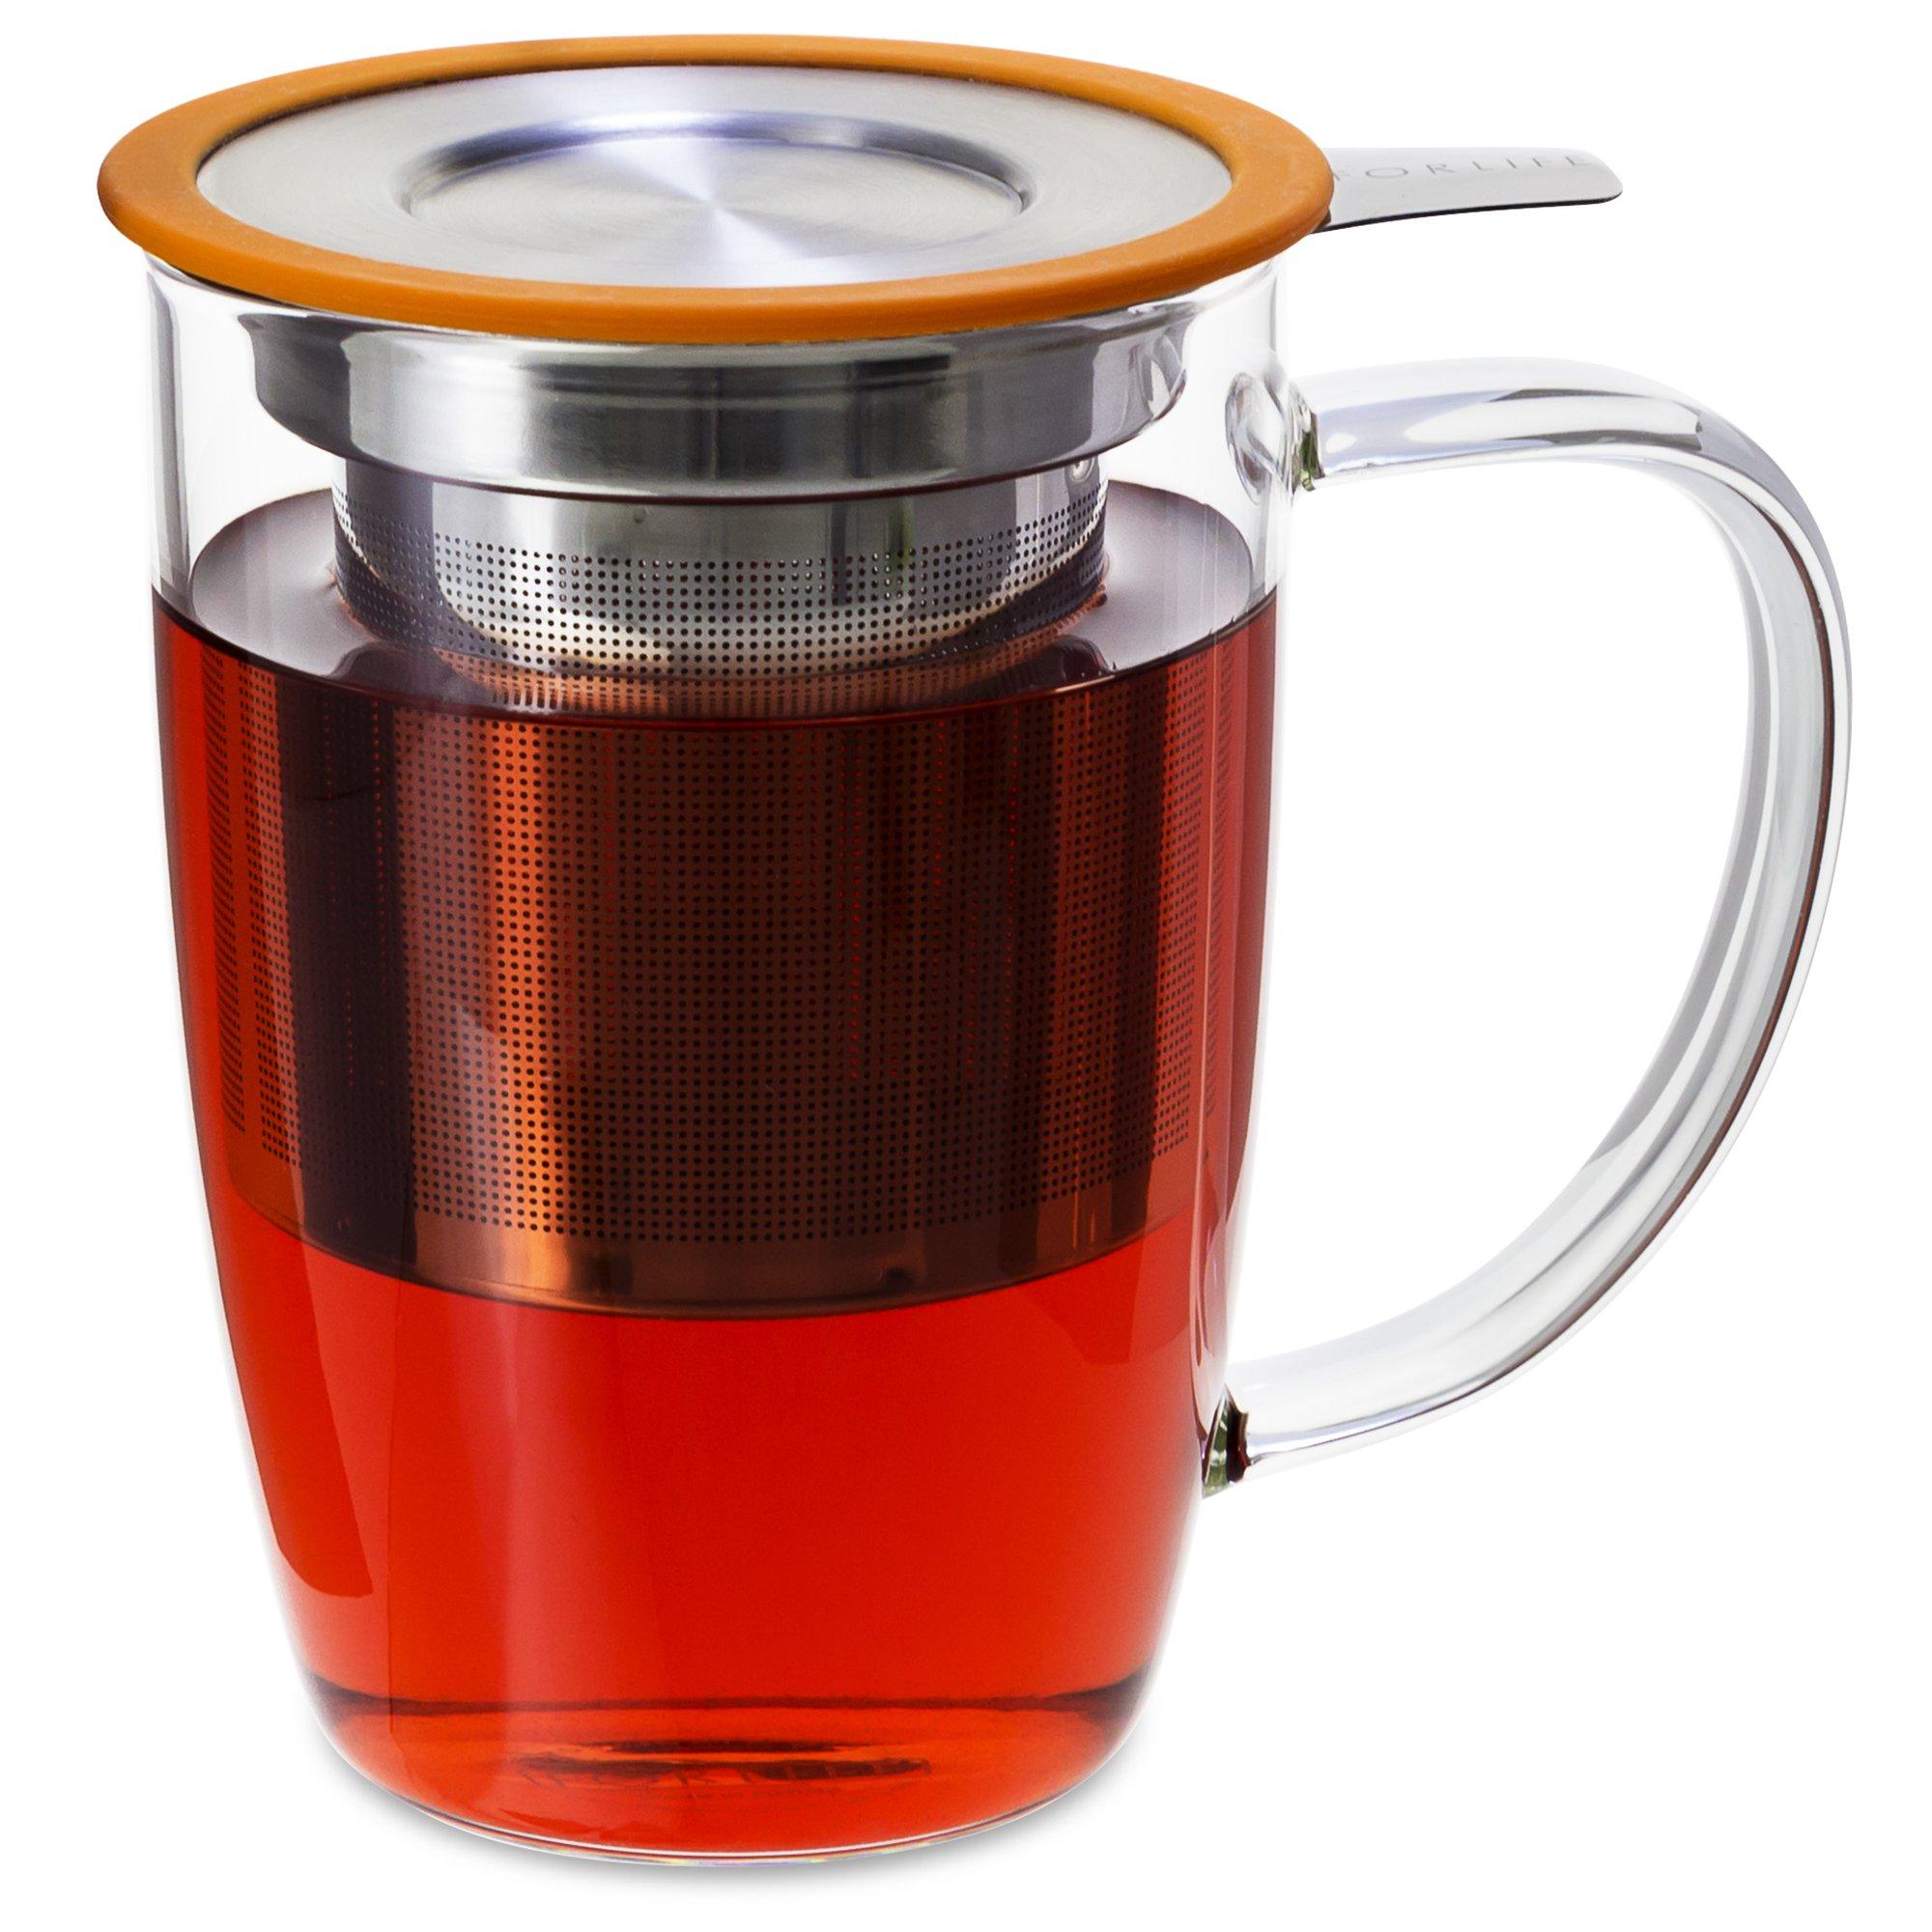 FORLIFE NewLeaf Glass Tea Mug with Infuser and Lid, 16 oz, Orange